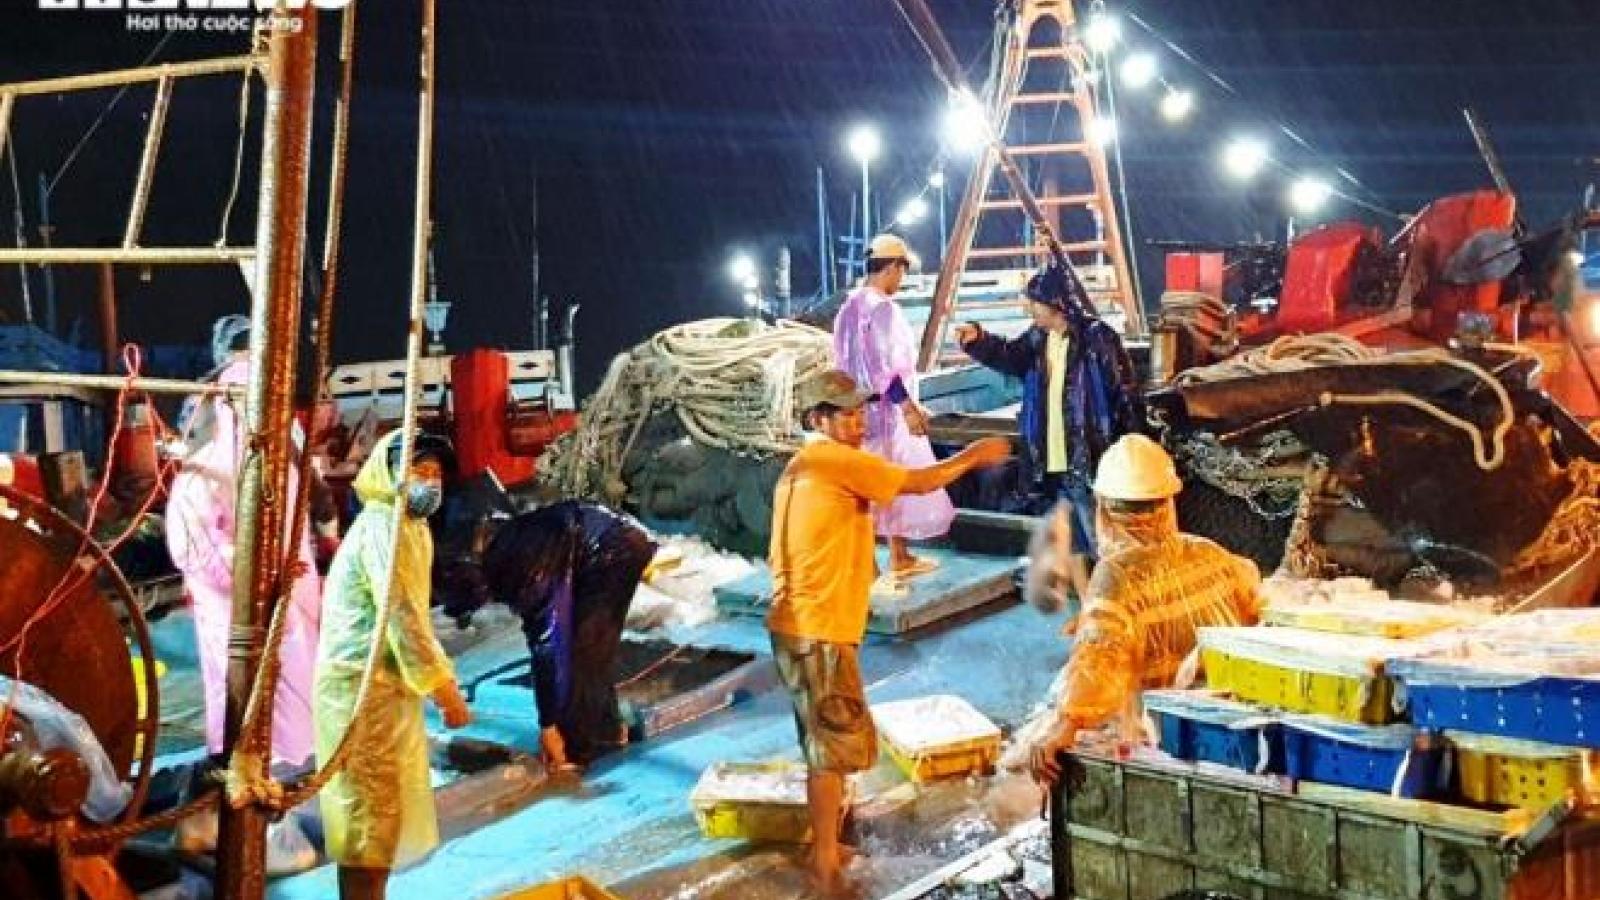 Hàng chục tàu thuyền cập bến Đà Nẵng, ngư dân đội mưa bốc cá trước bão số 5 đổ bộ